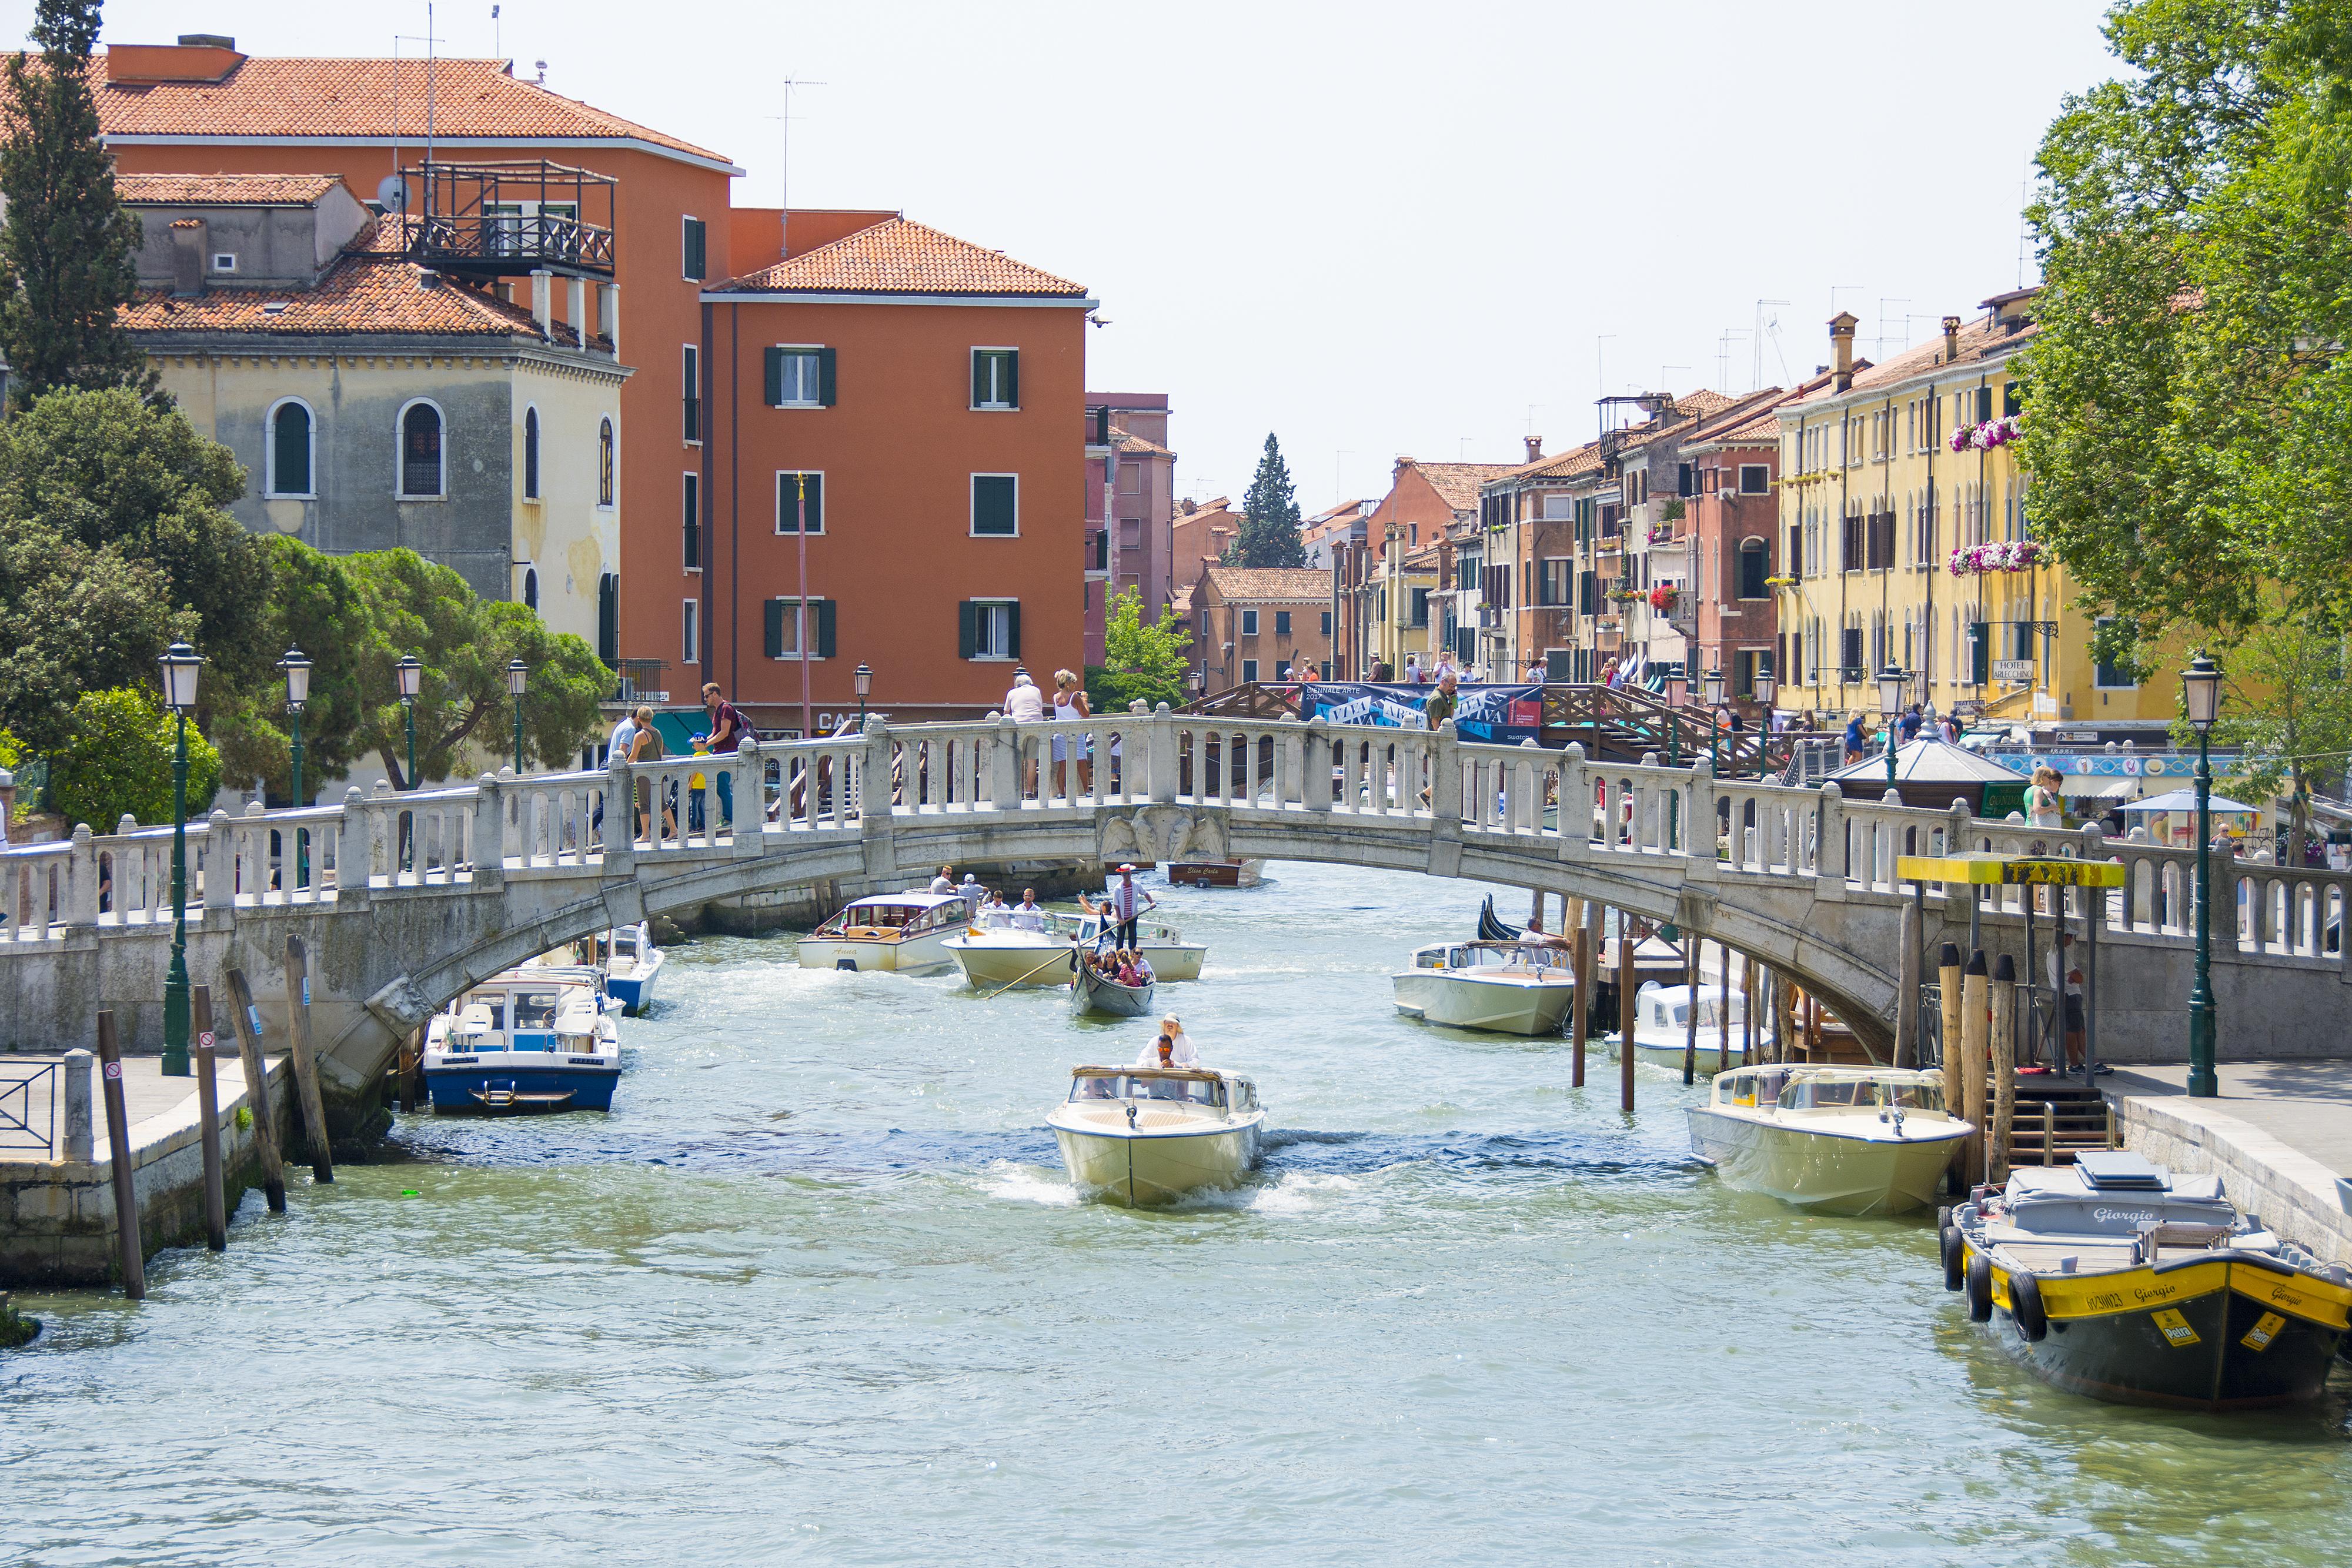 venedig kanal och bro